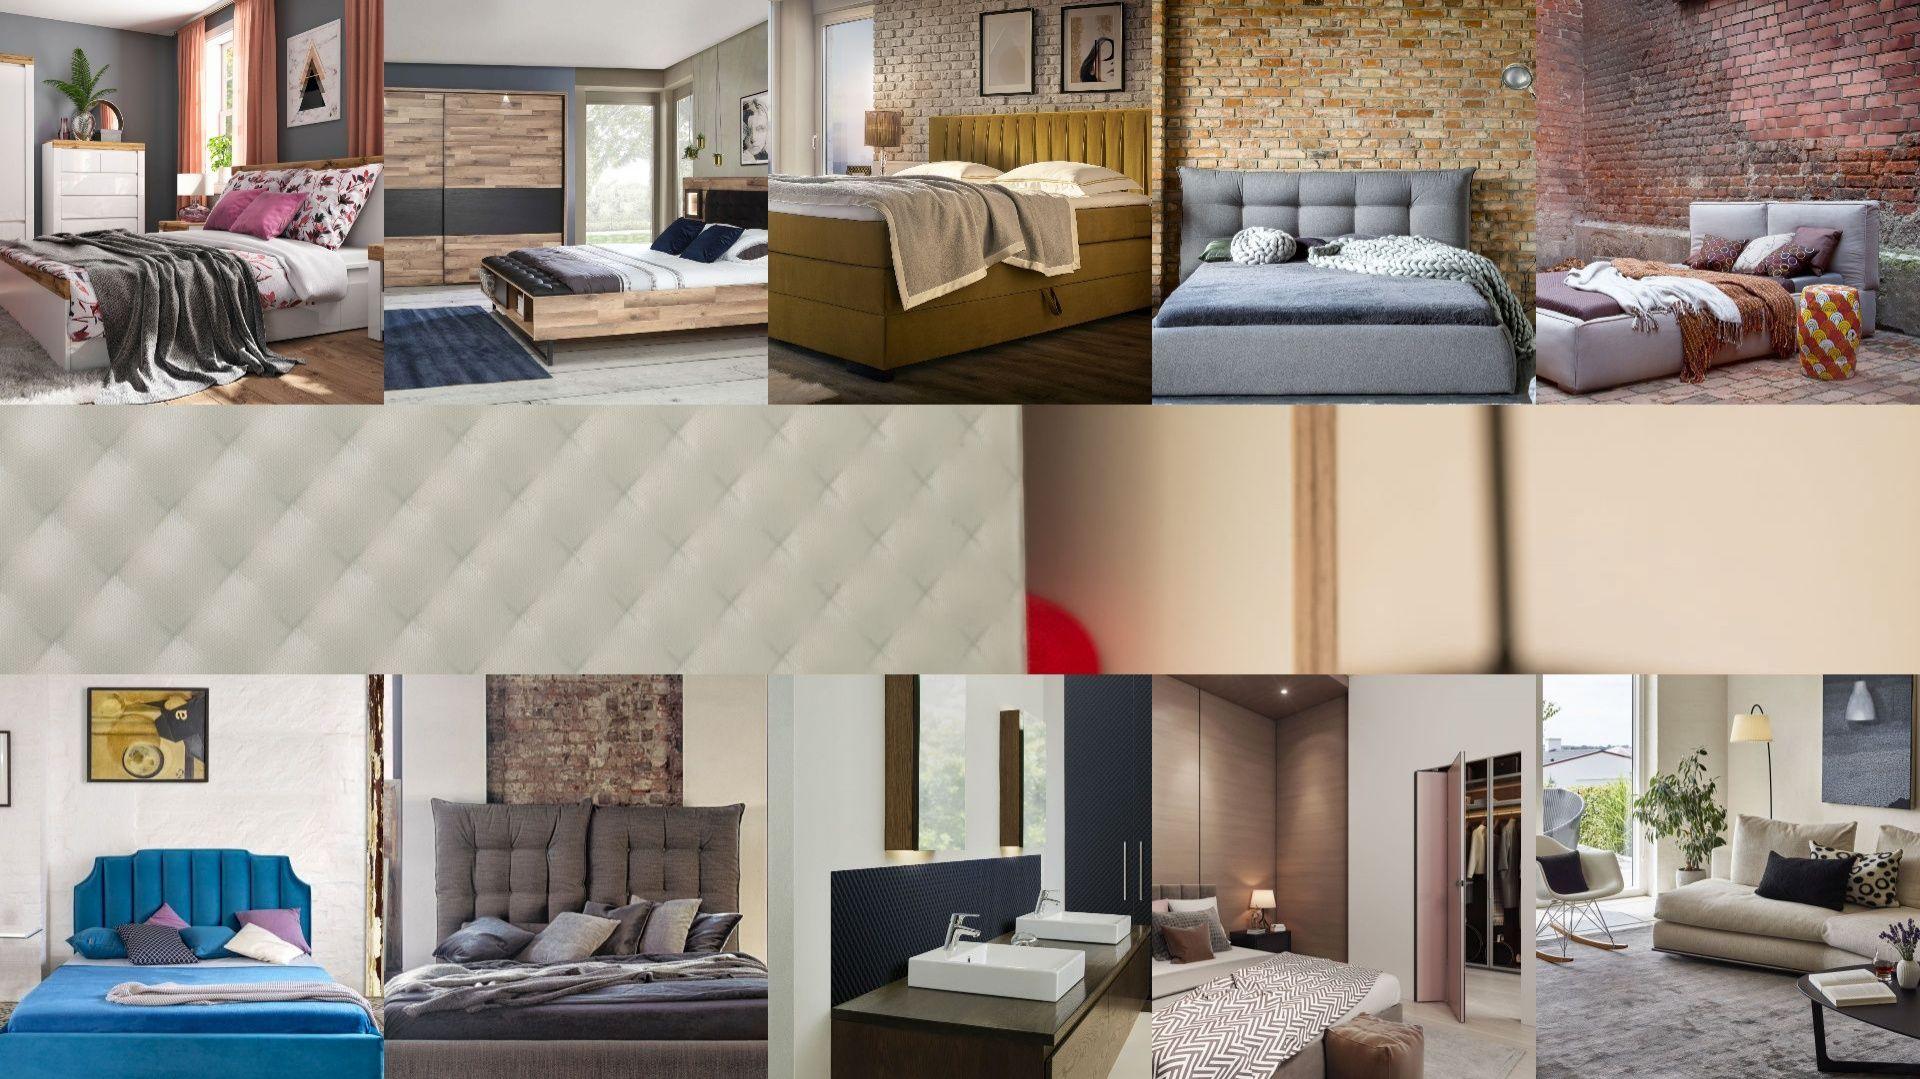 Konkurs Dobry Design 2020: wybierz najlepszy pomysł do sypialni